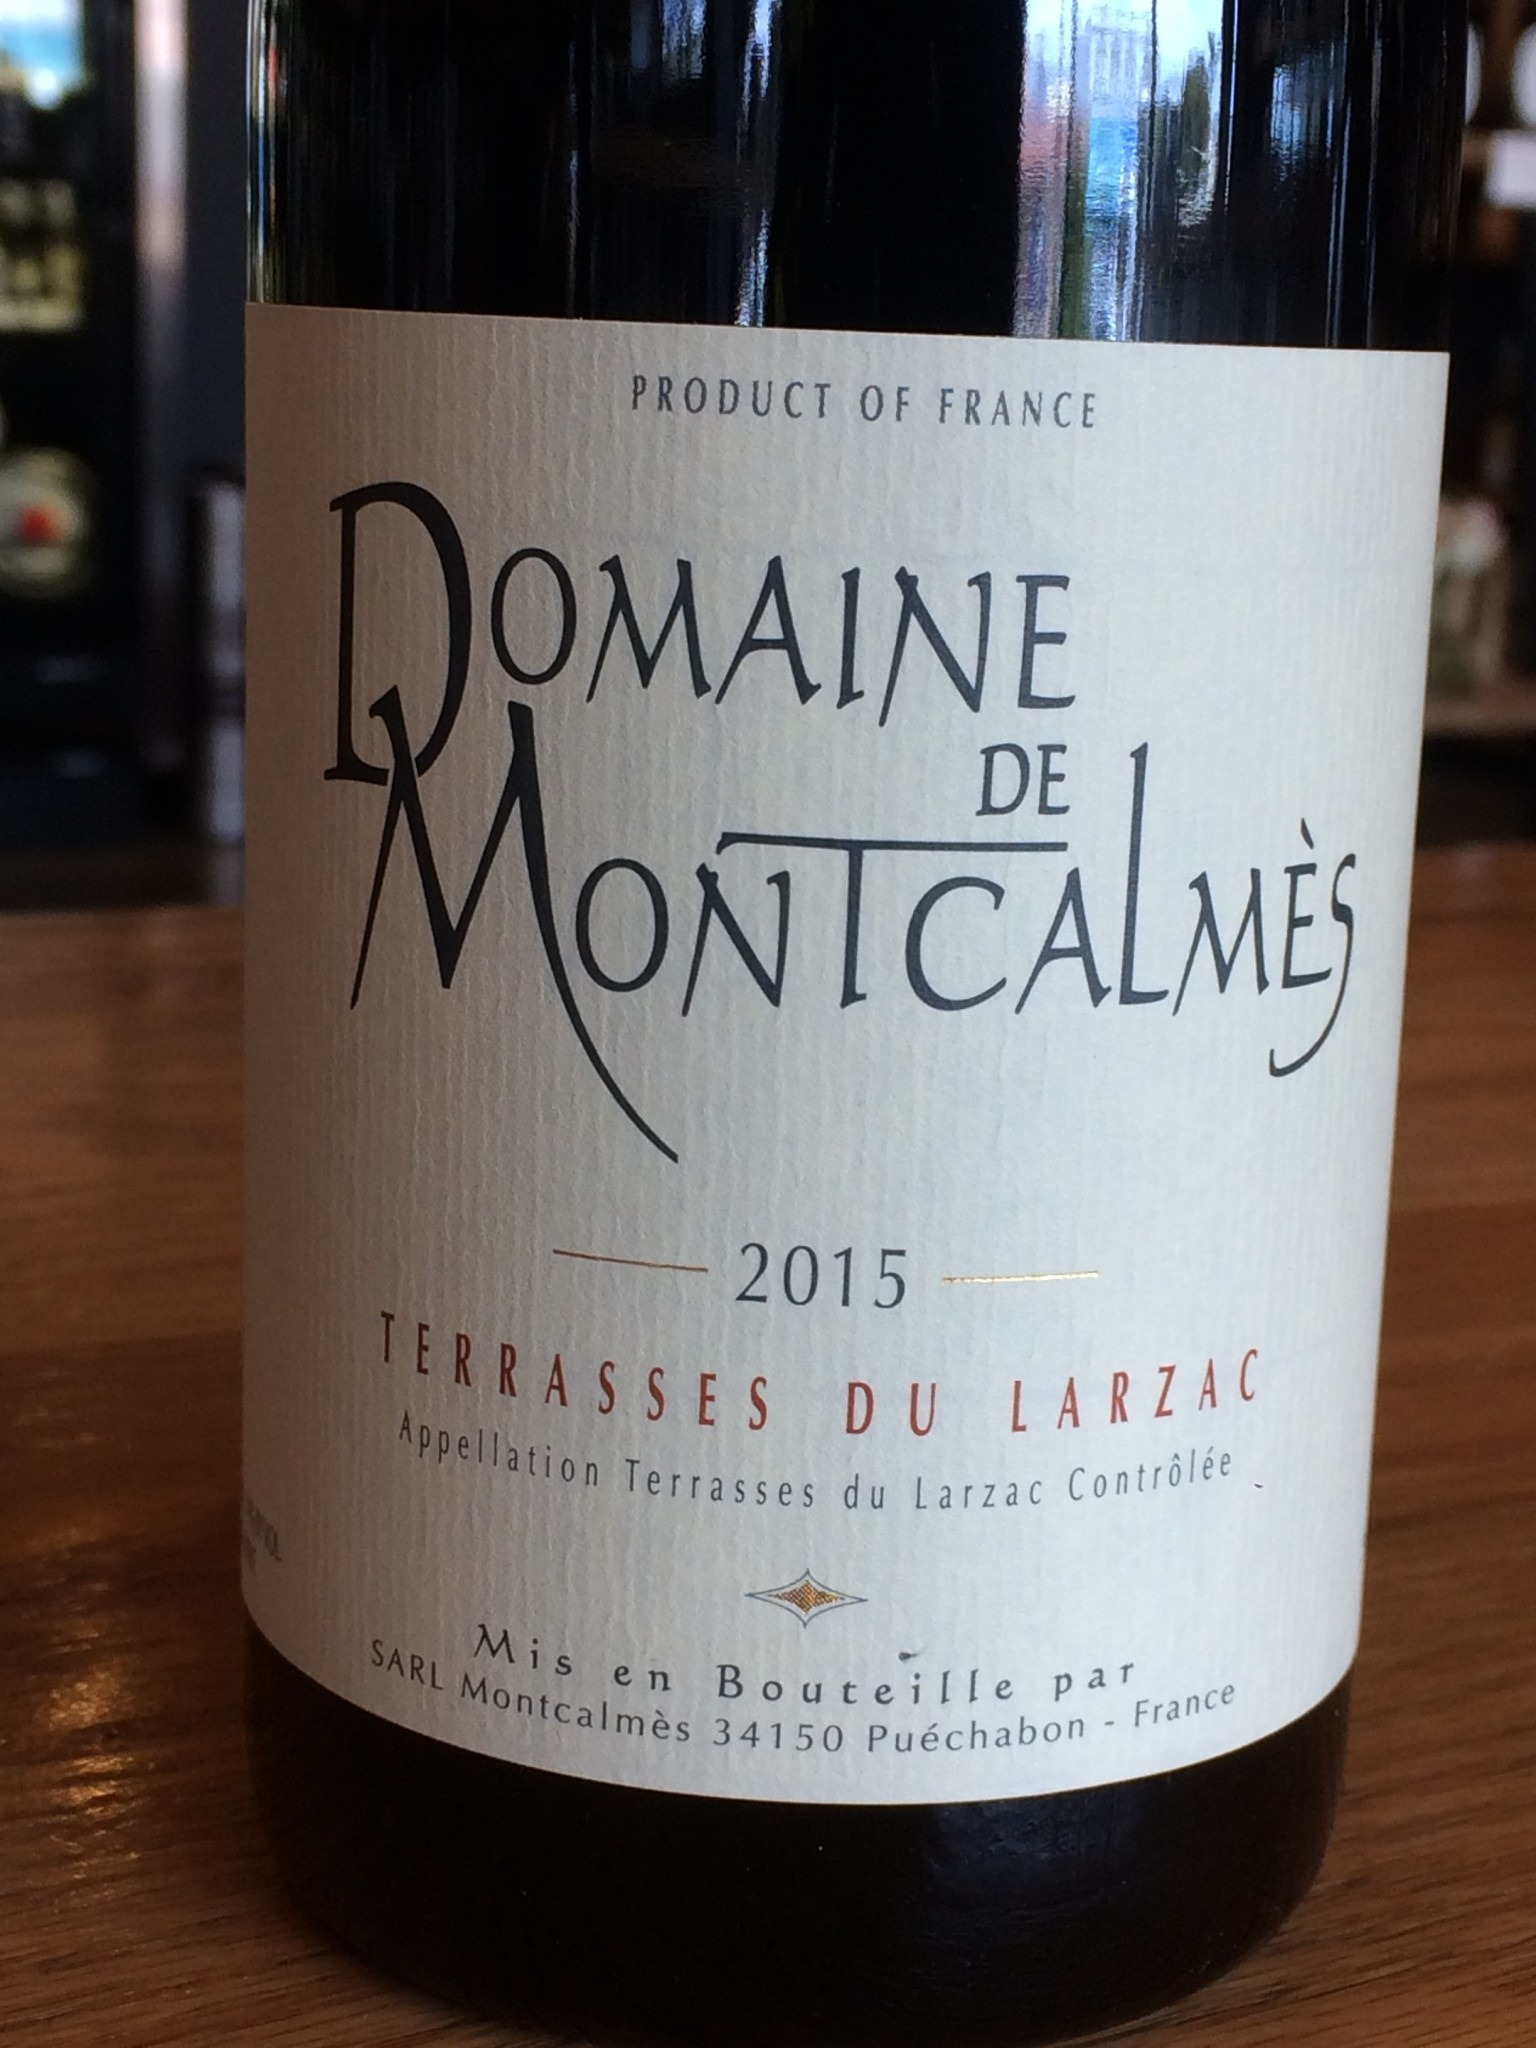 Domaine de Montcalmes 2015 Domaine de Montcalmès Terrasses du Larzac 750mL